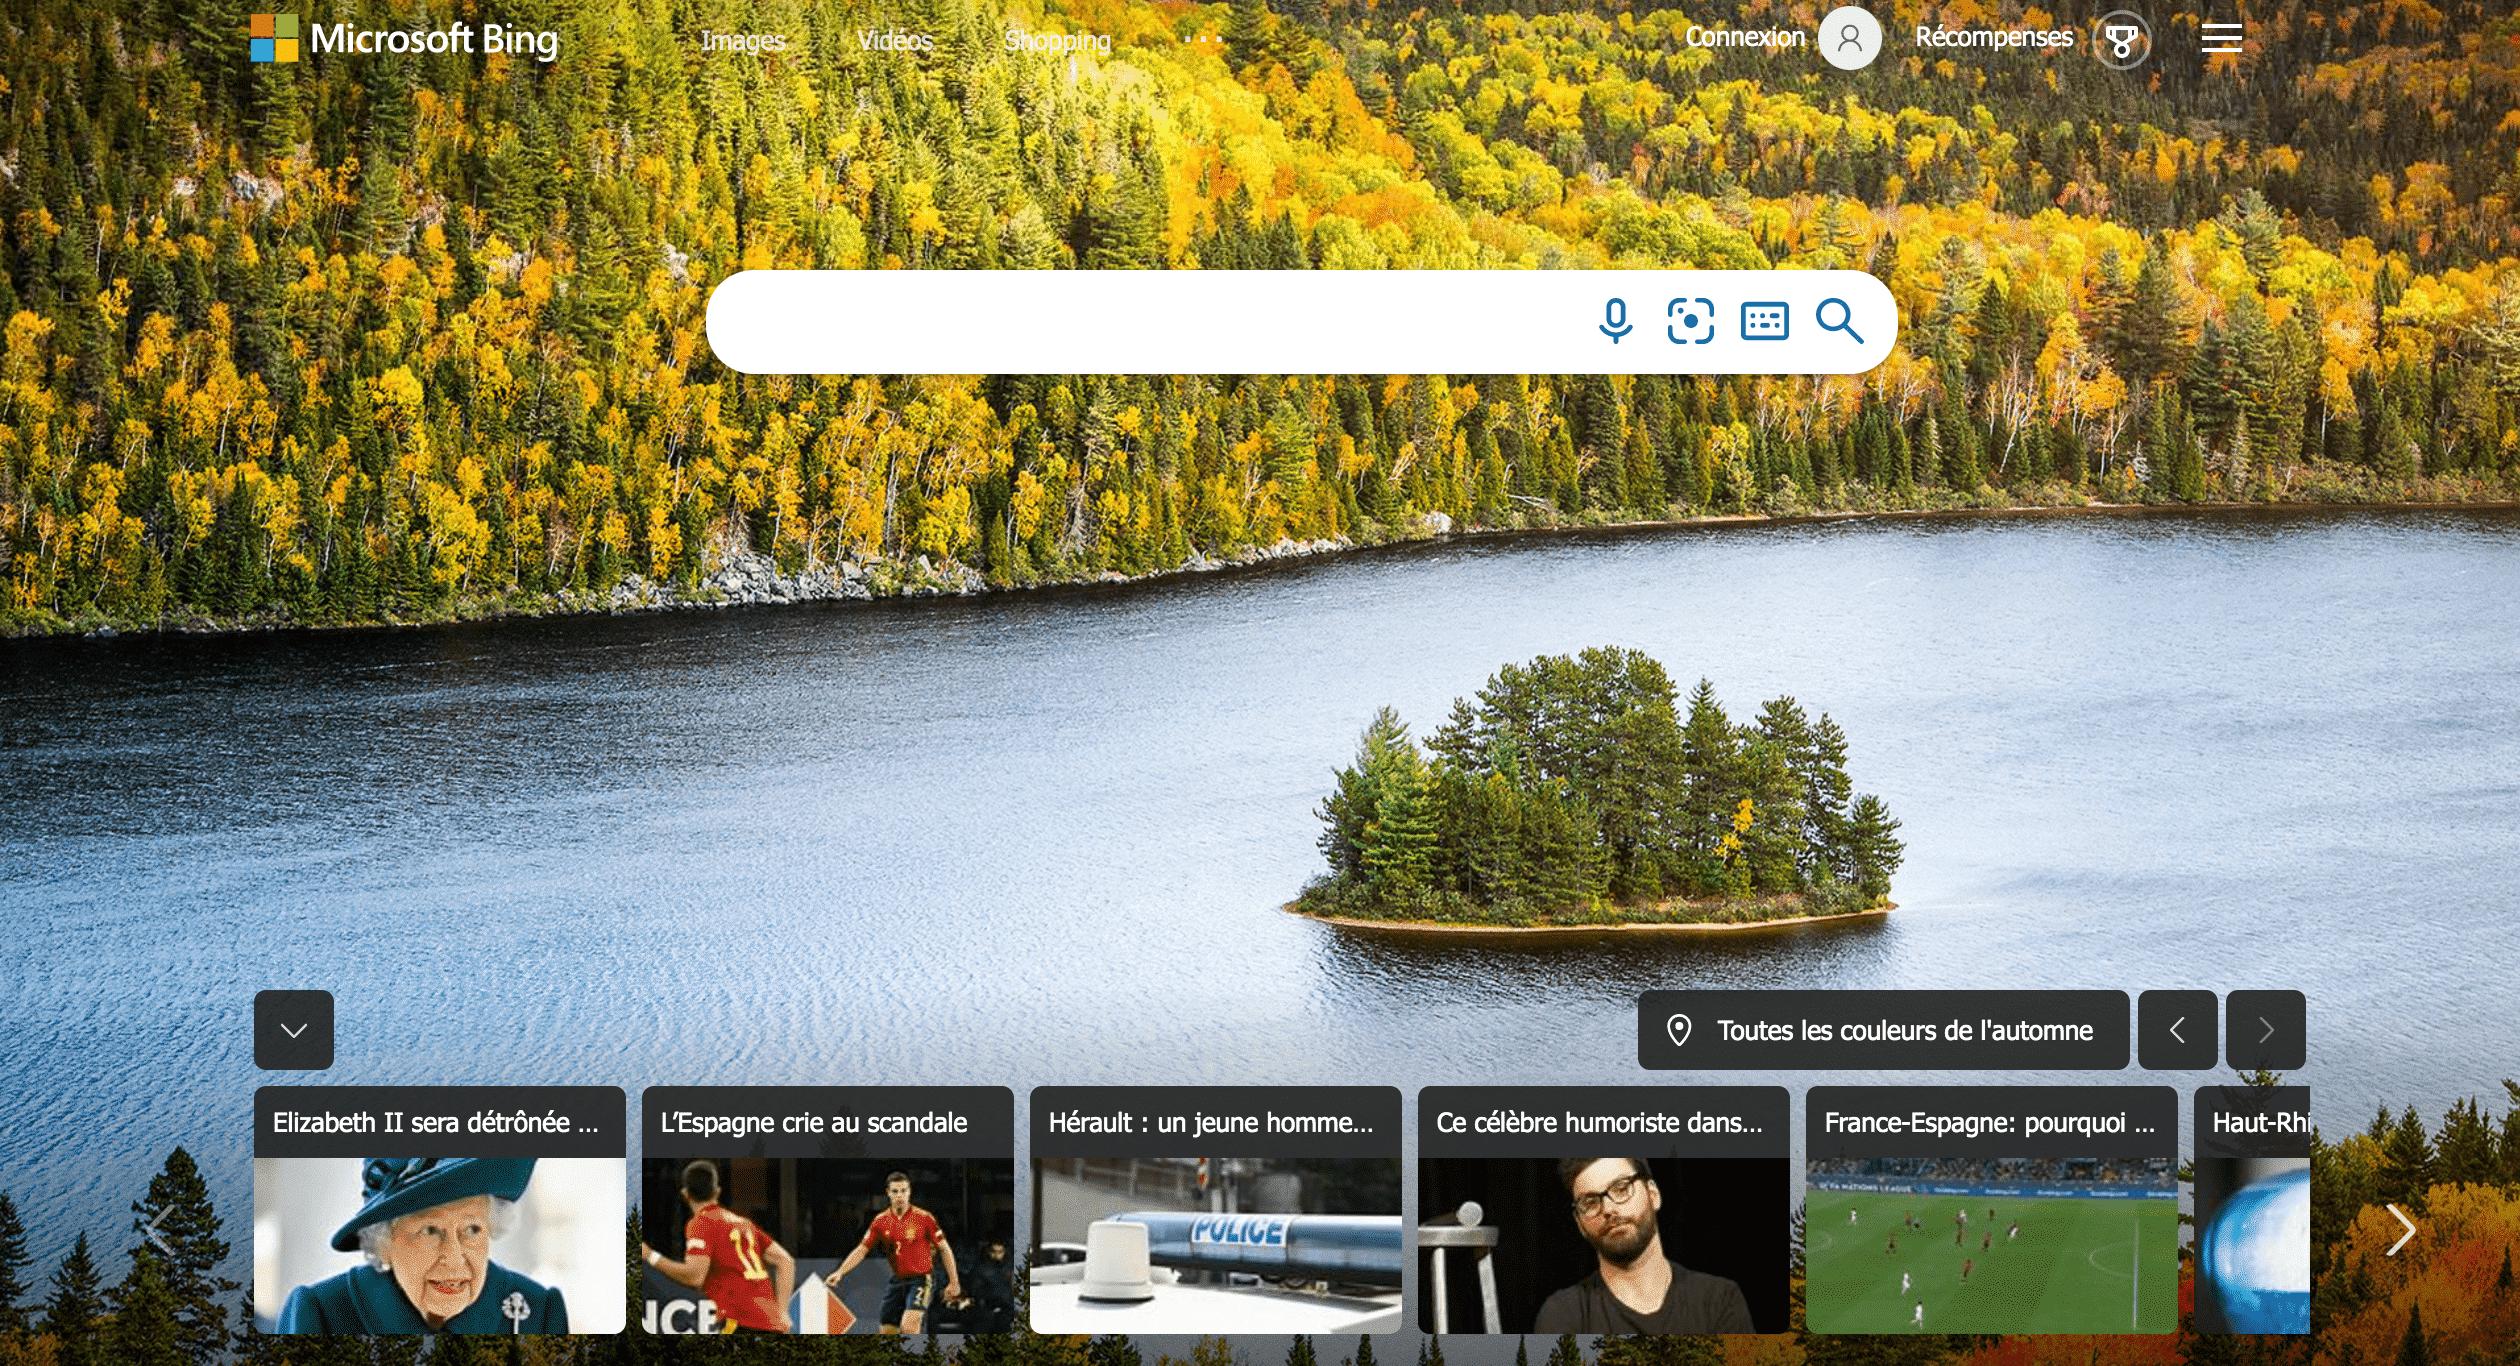 Bing moteur de recherche américain